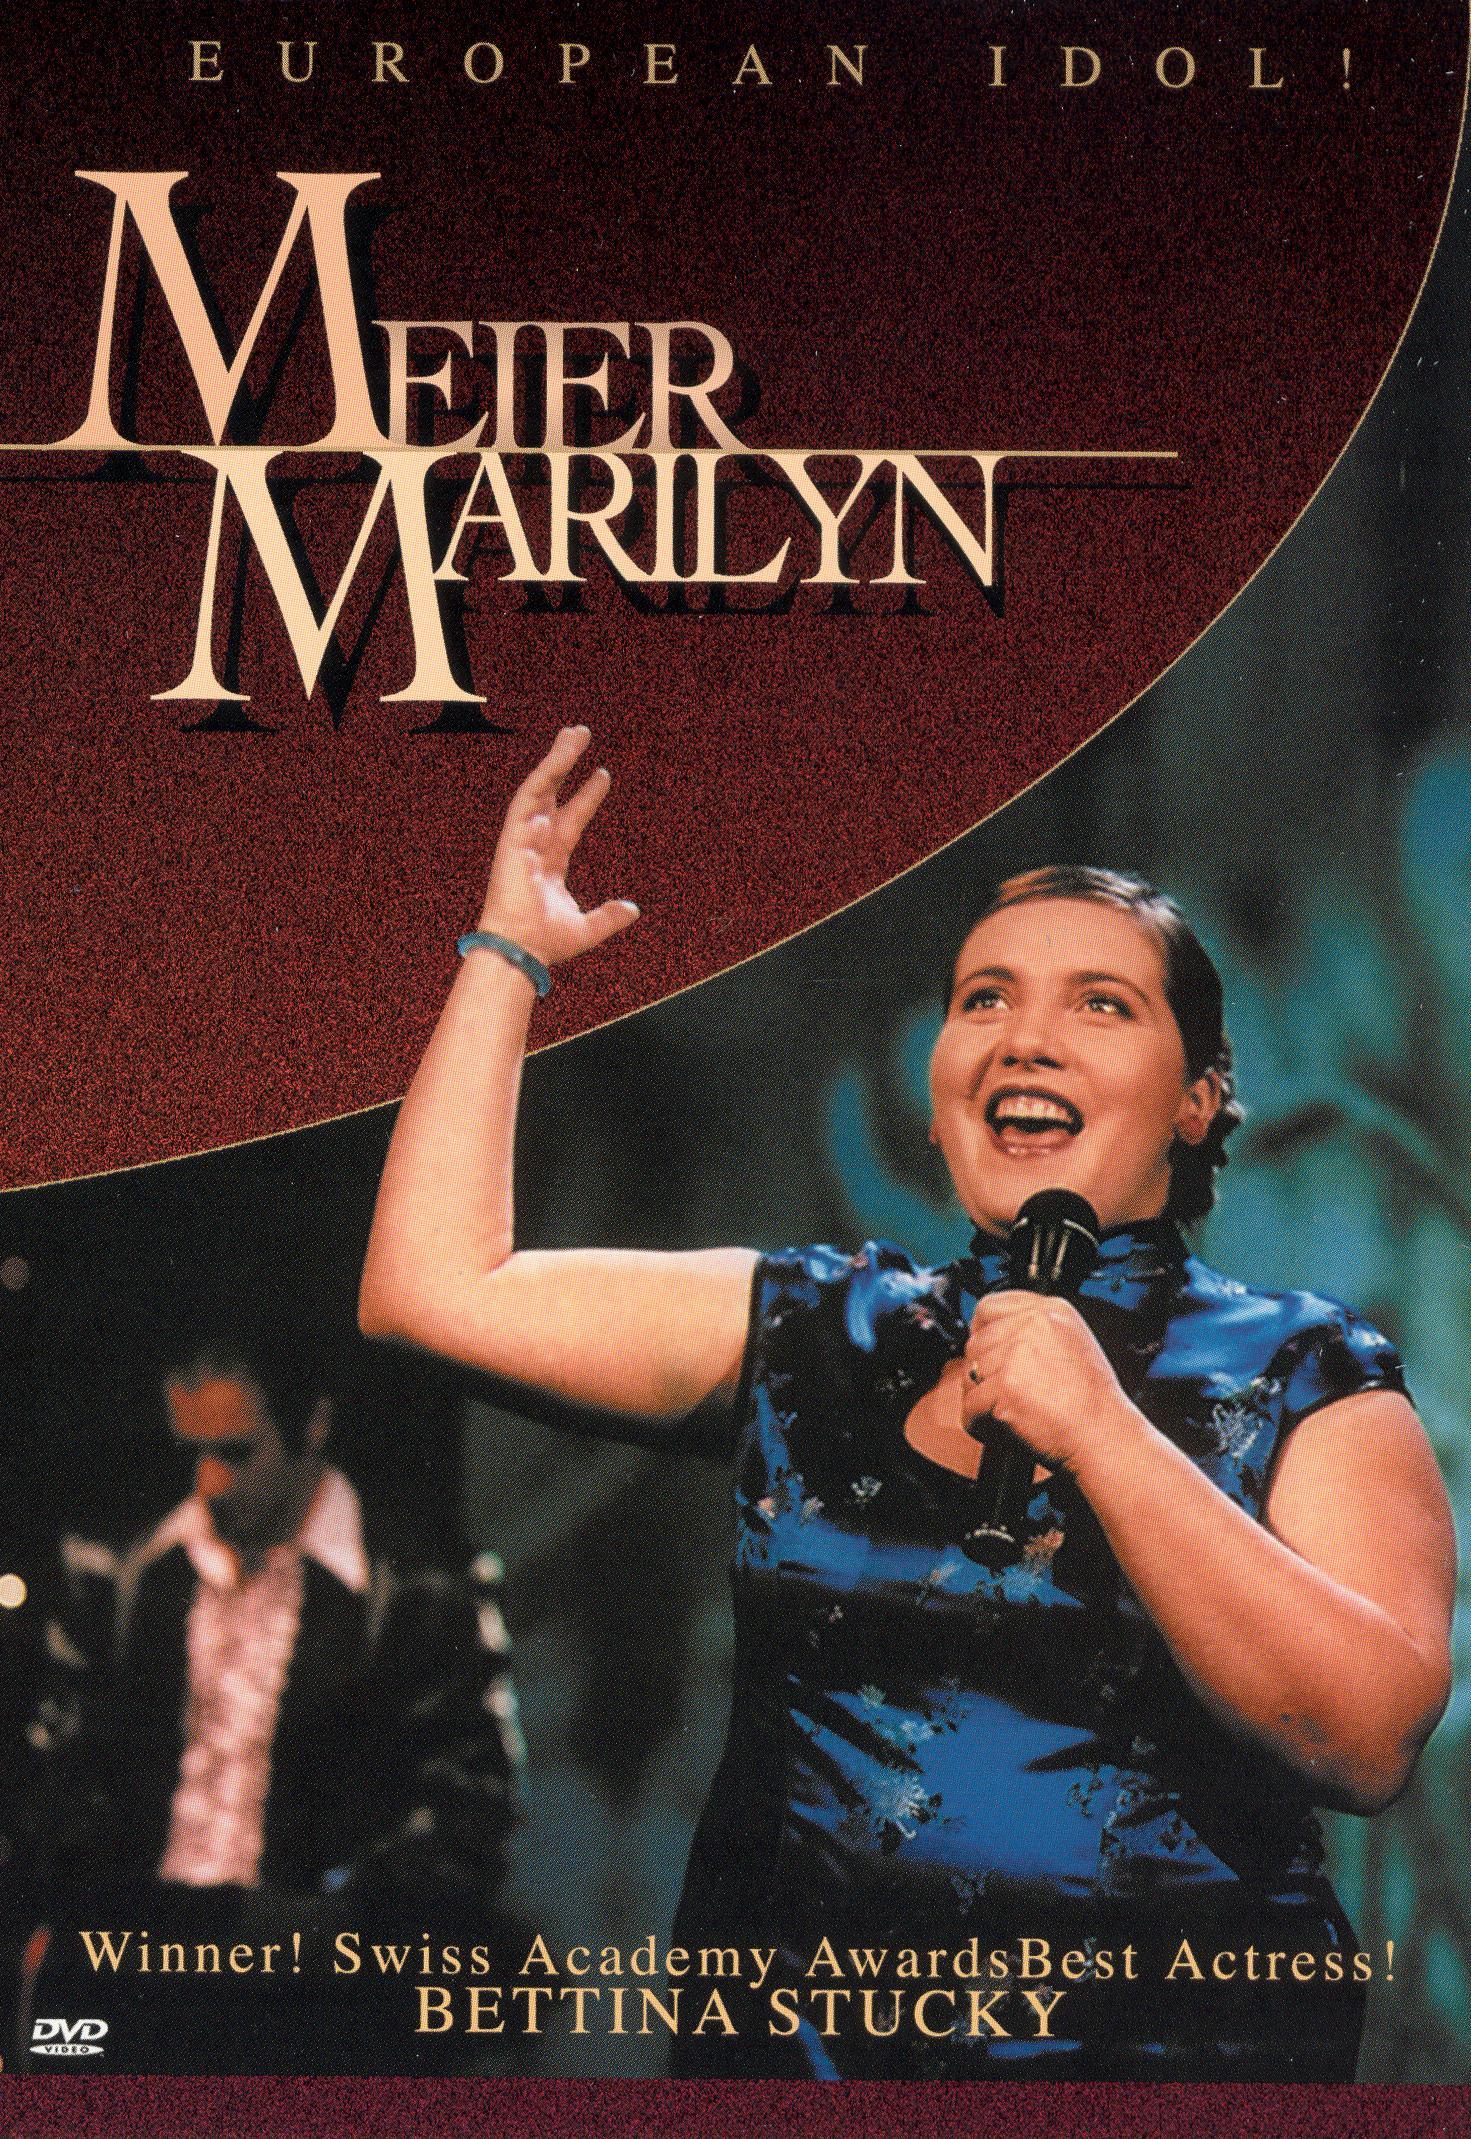 Meier Marilyn